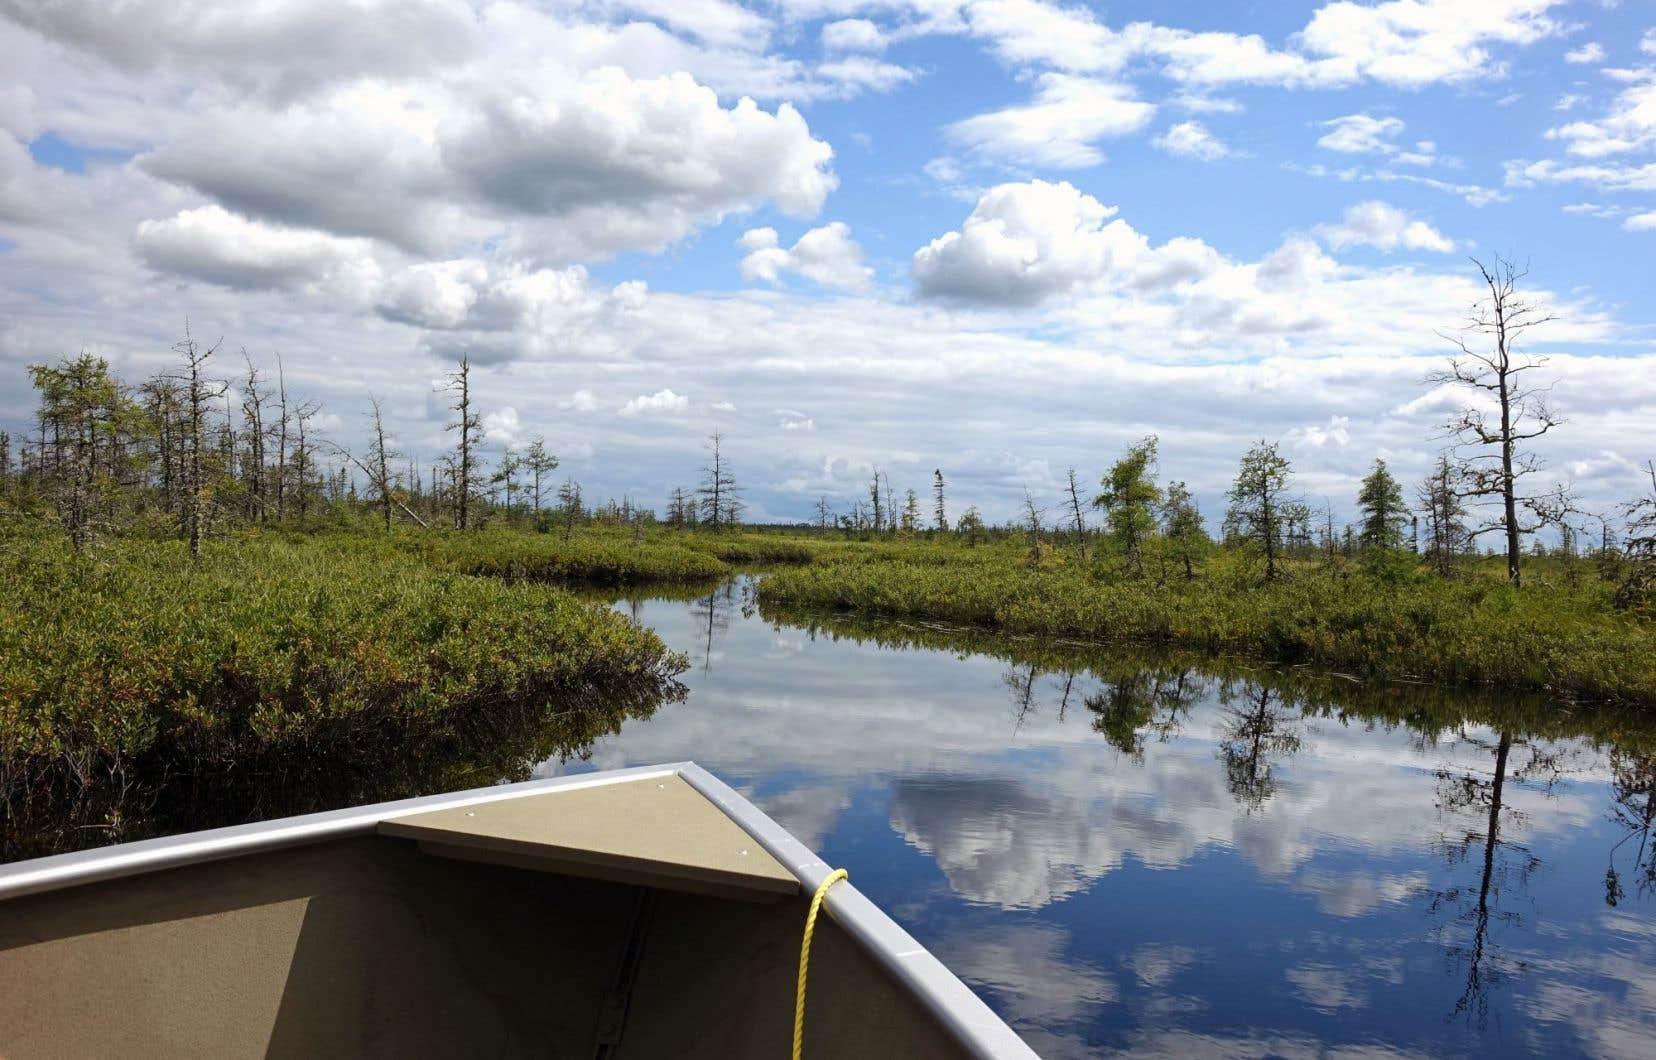 «Monter au lac», en famille ou avec des amis, pour un moment de détente, loin du quotidien trépidant